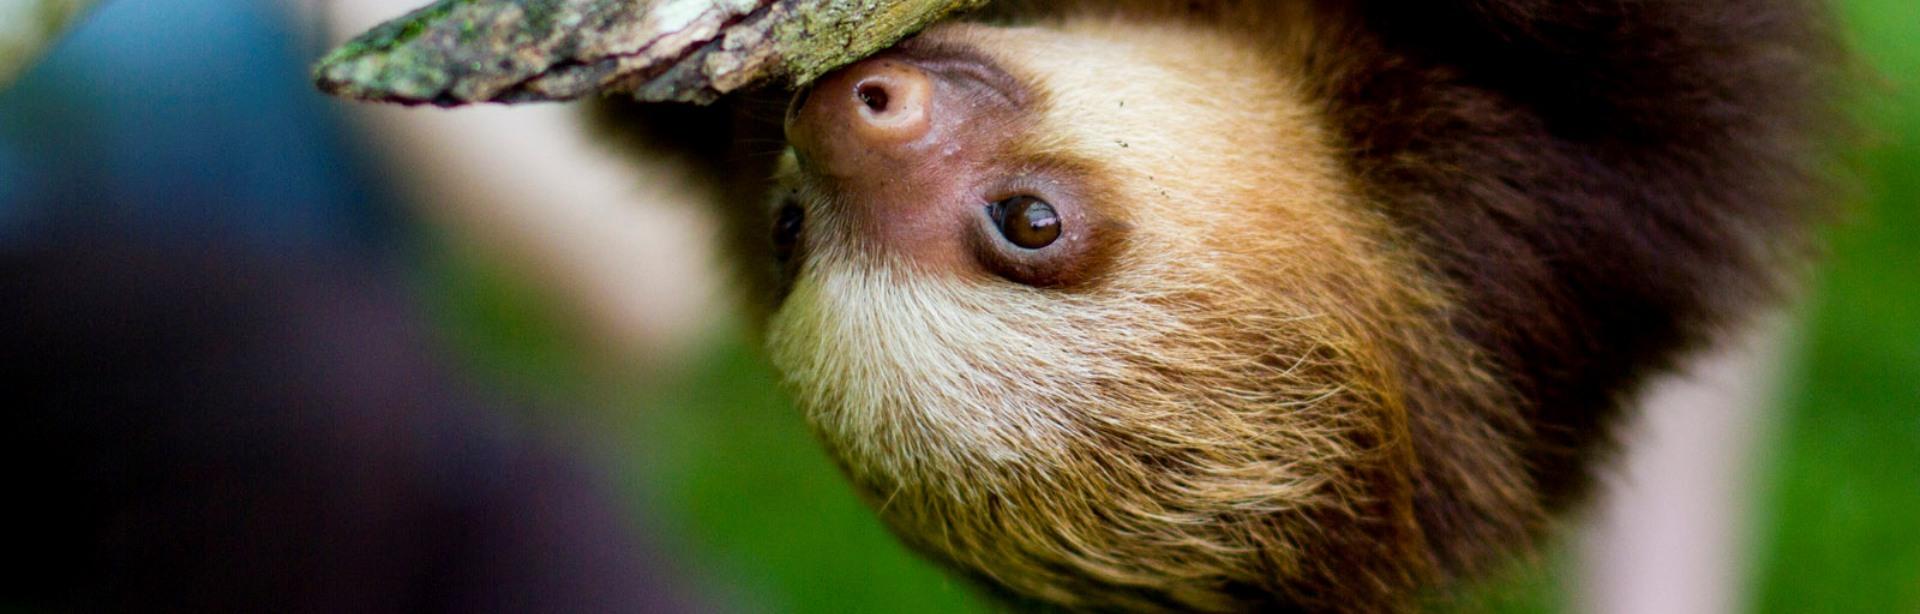 12 motive pentru care leneșii sunt absolut adorabili